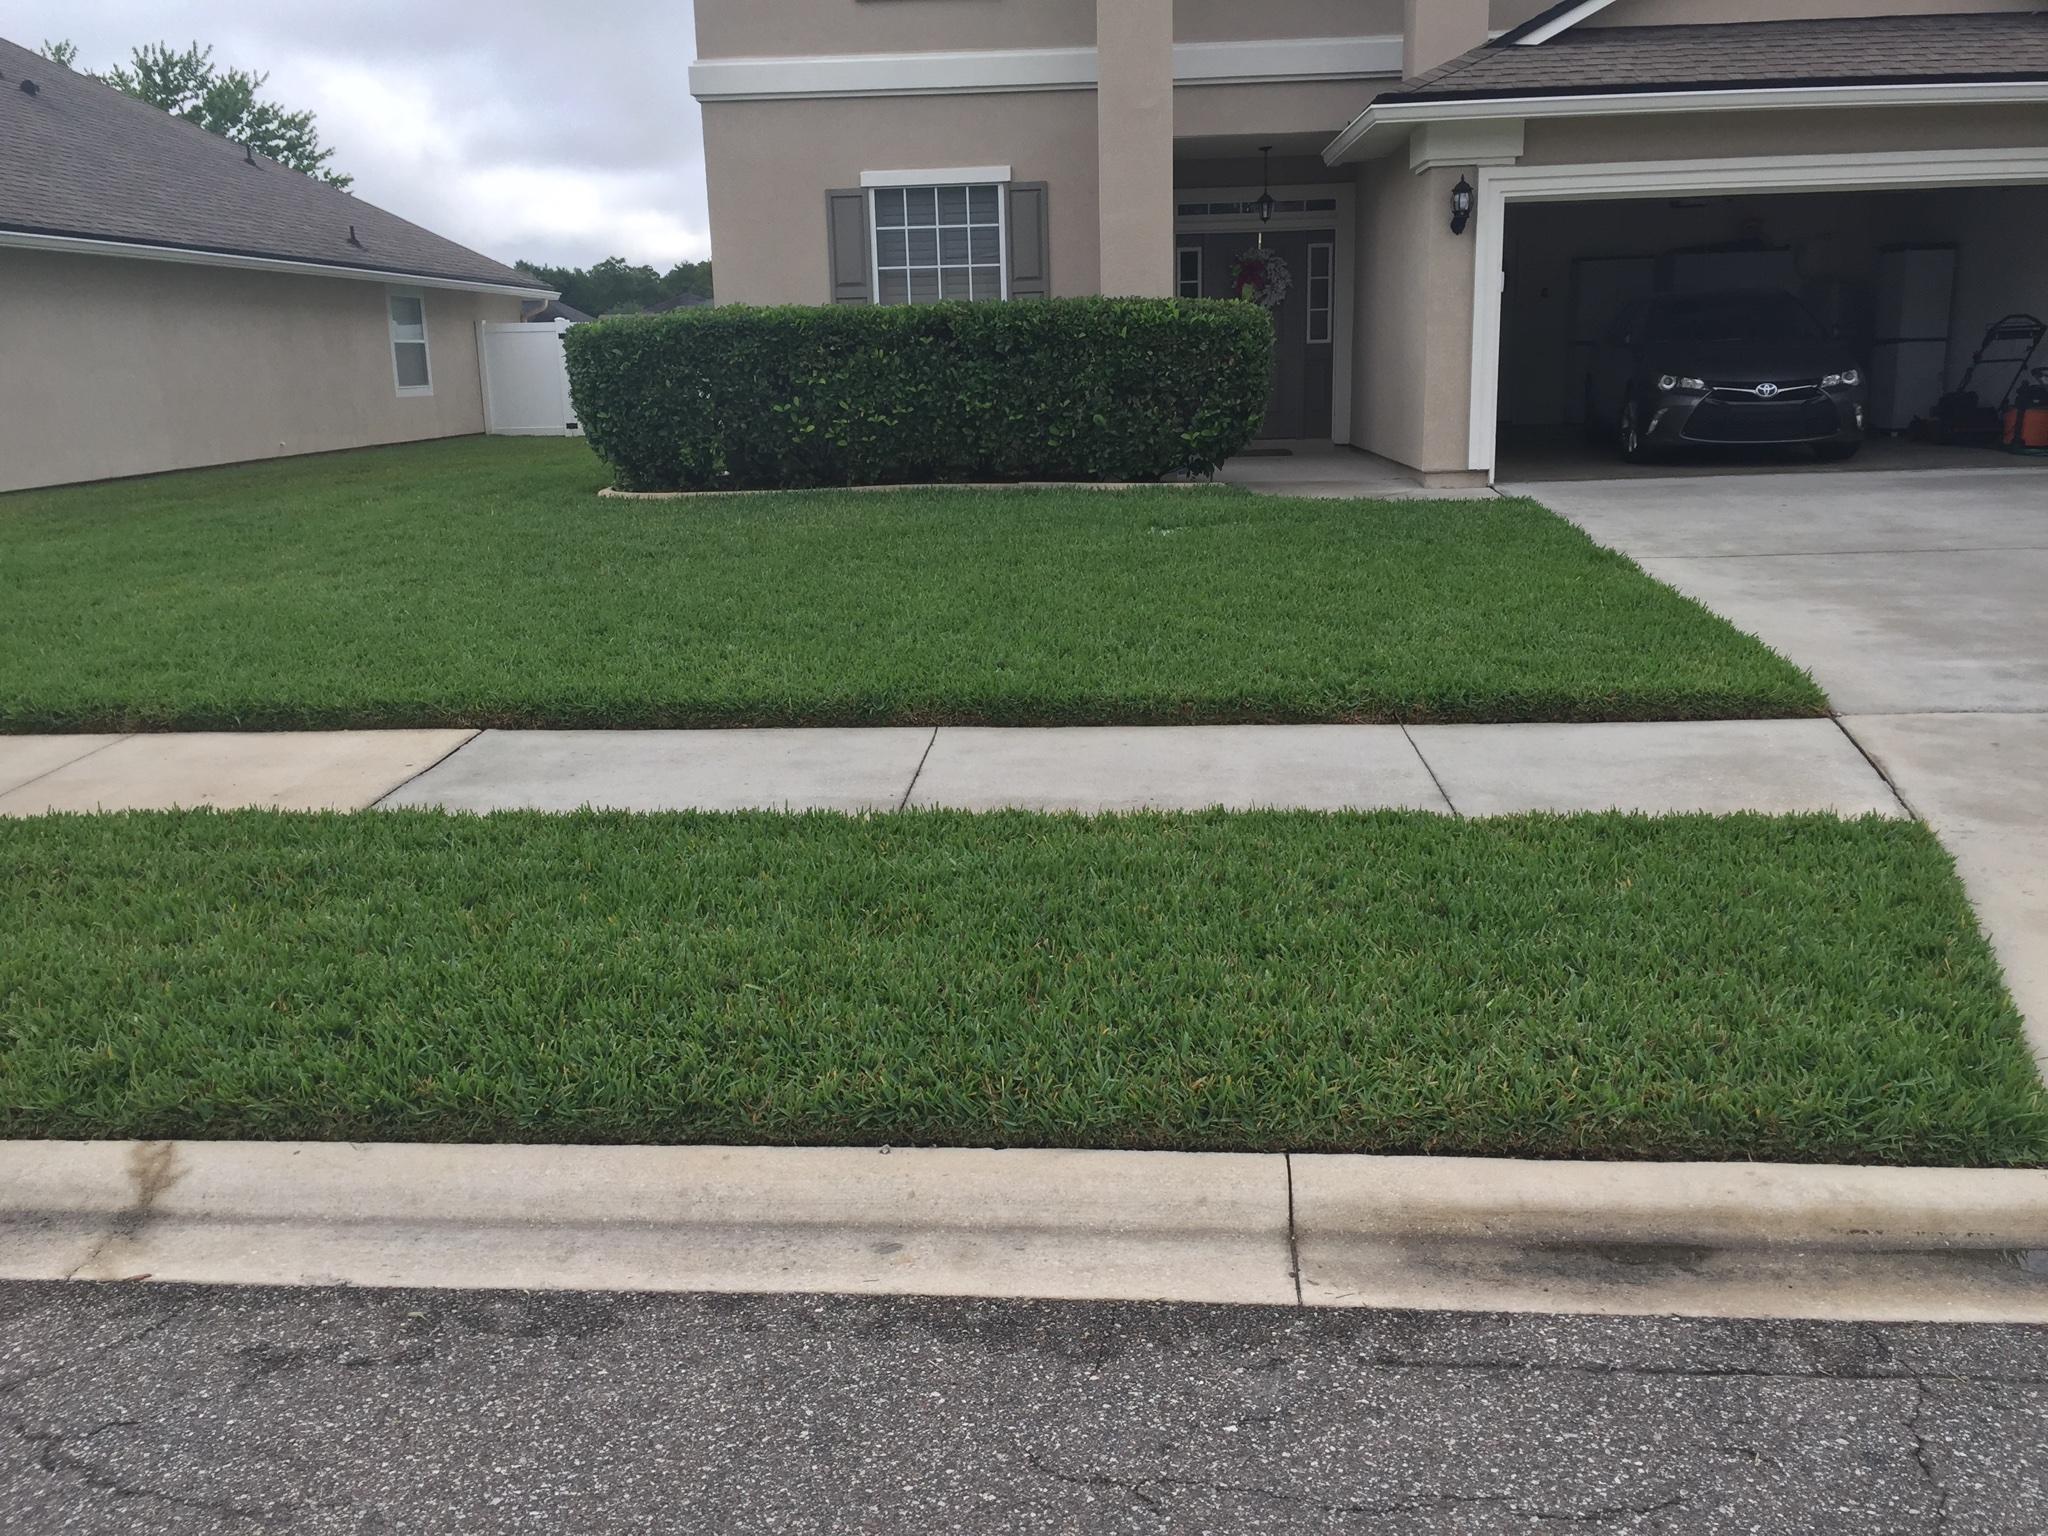 Trutco - Jacksonville Lawn Care Service: Fertilizer ...